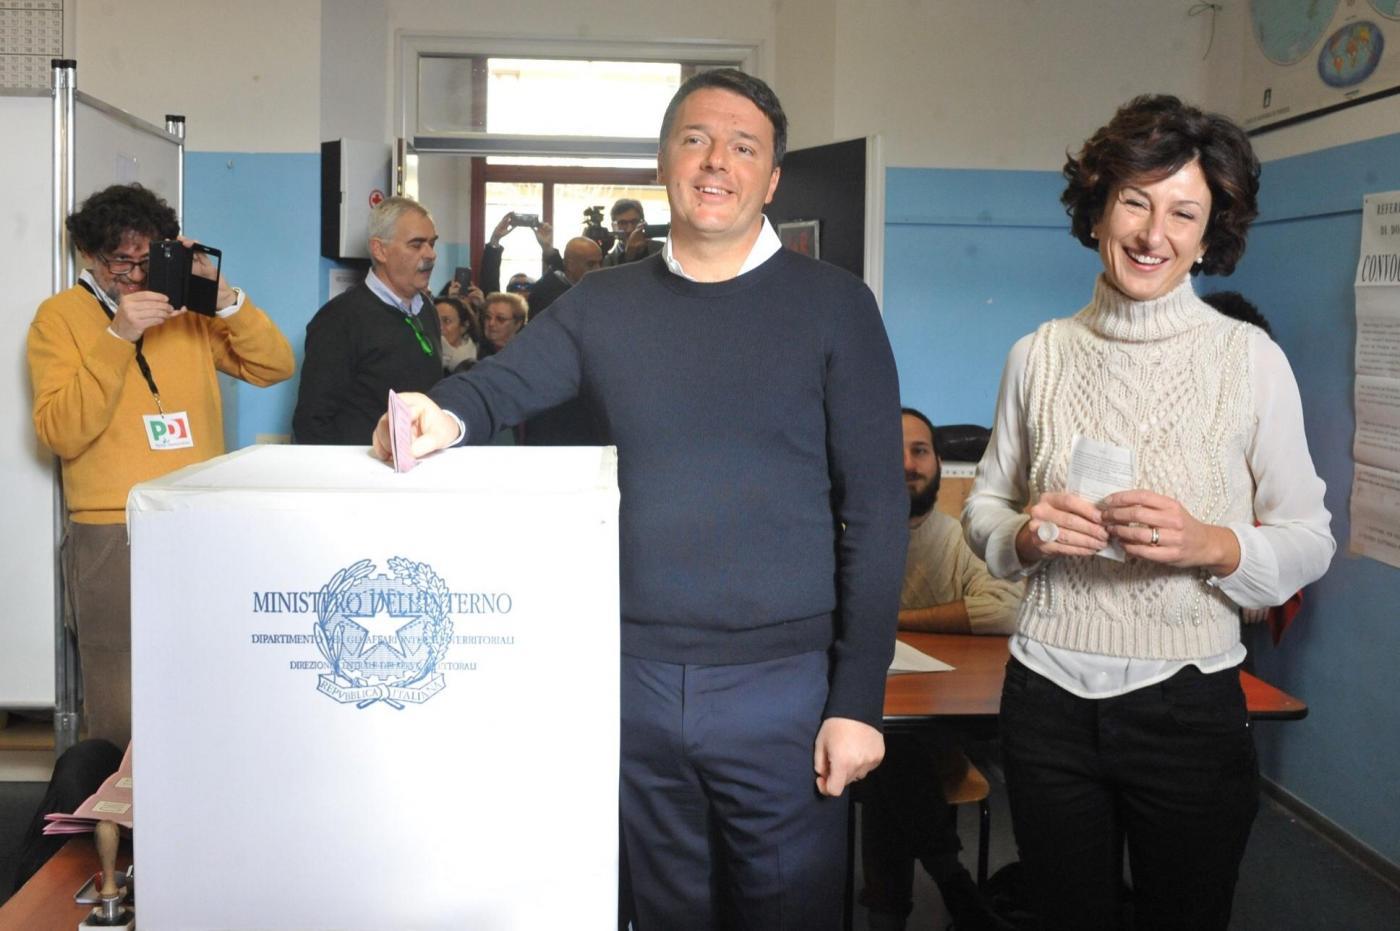 Referendum: Matteo Renzi e Agnese Landini al voto